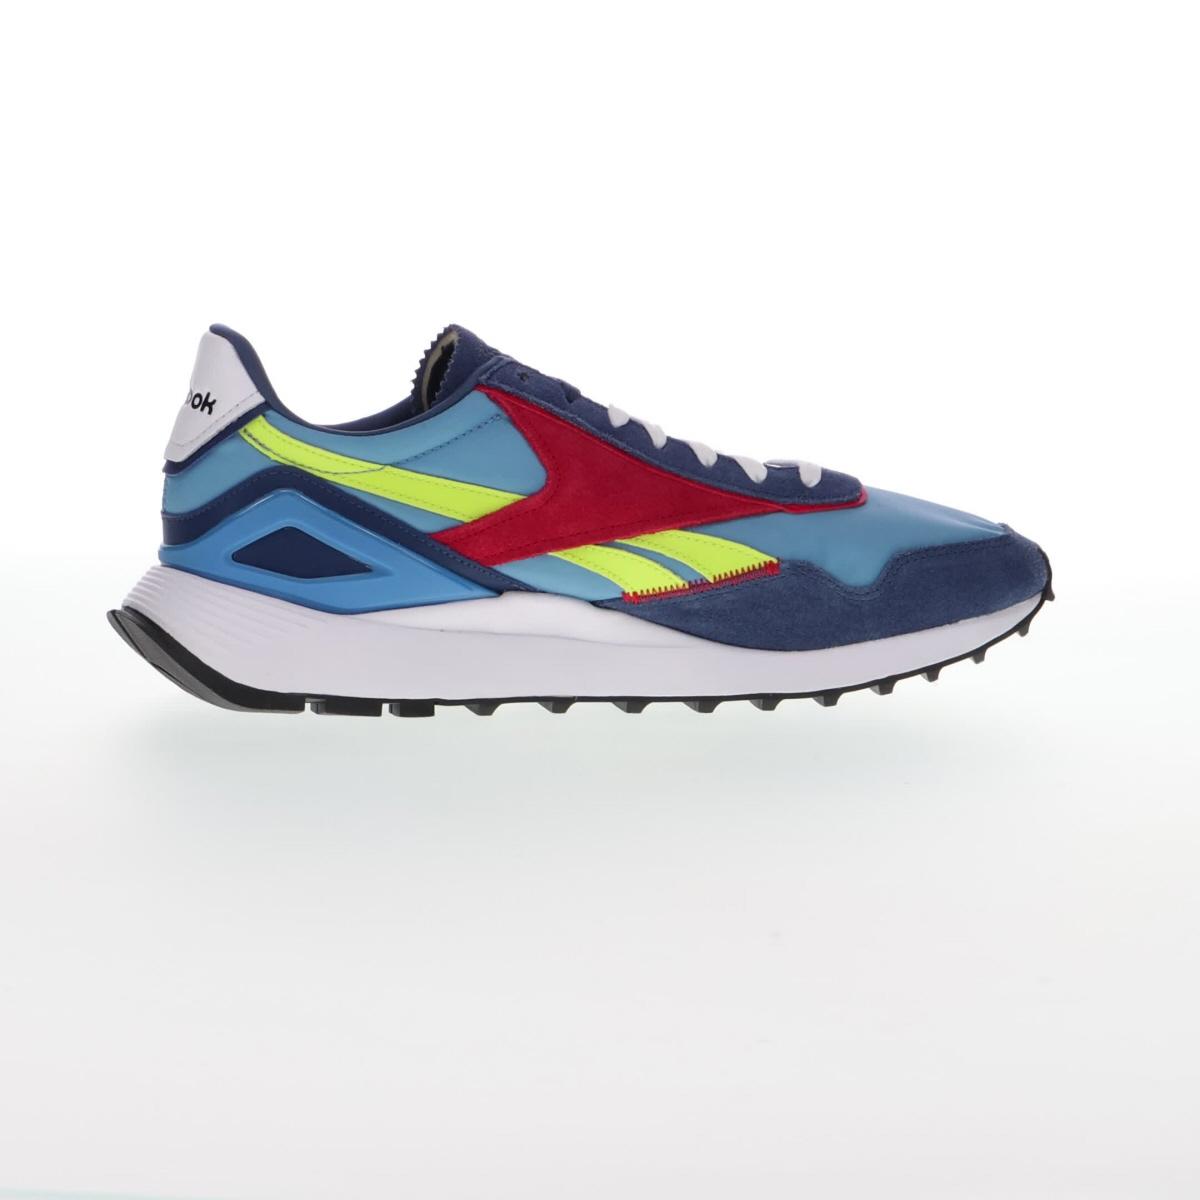 adidas sl loop runner trail black friday 2017